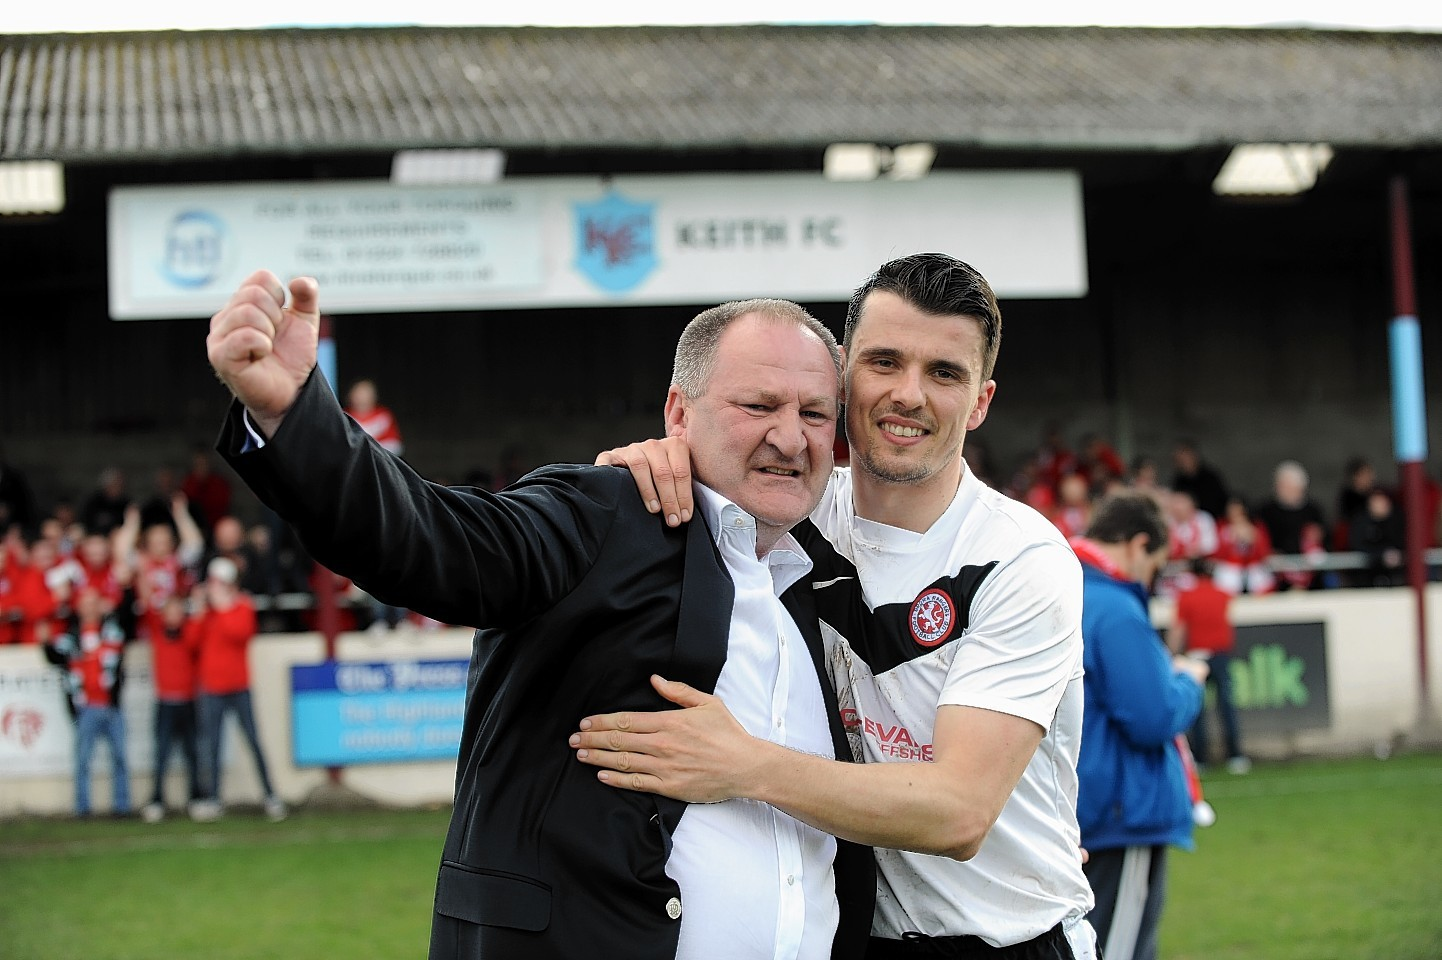 Ben Mackay celebrates with top scorer Steven Mackay,